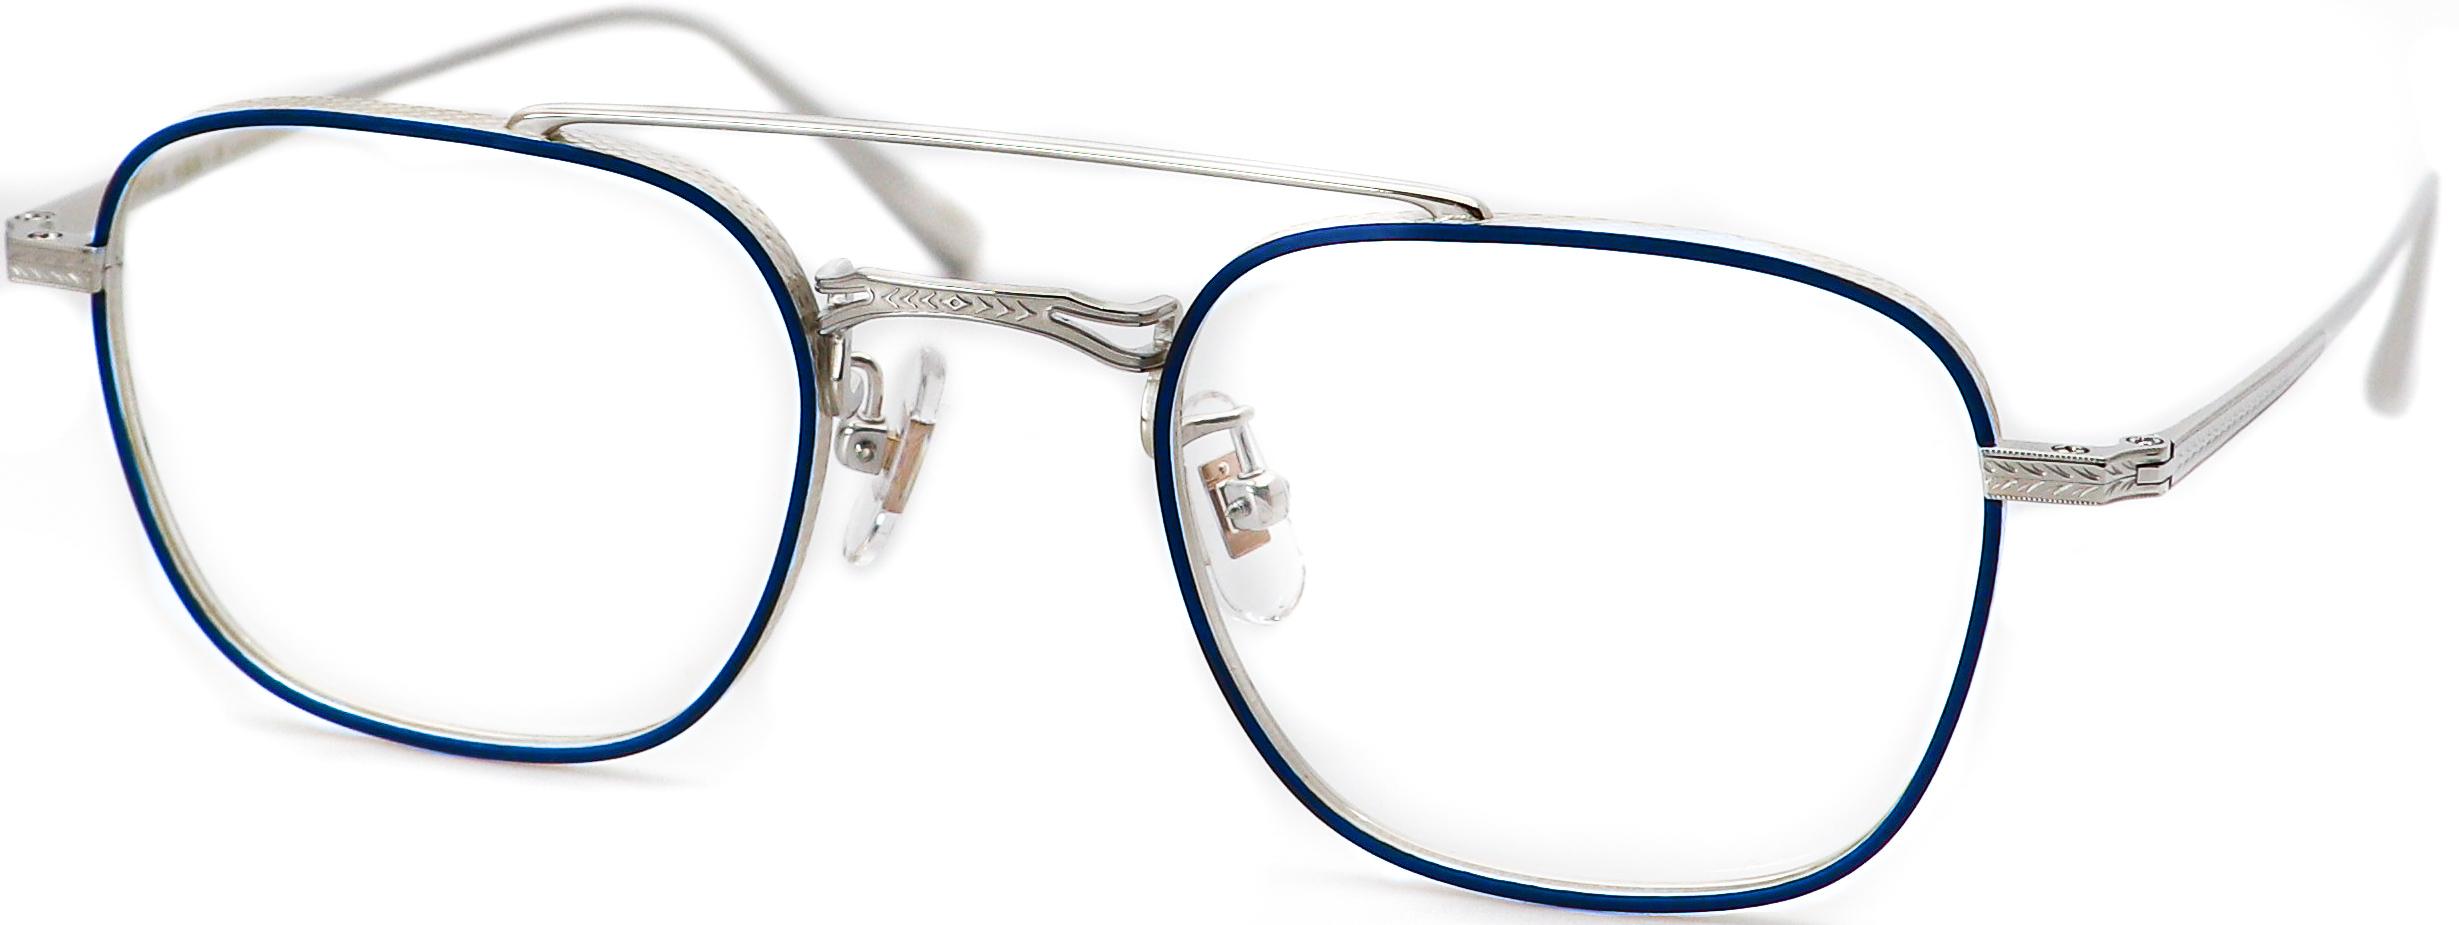 眼鏡のカラータイプC-2 Blue-Matt/Silver